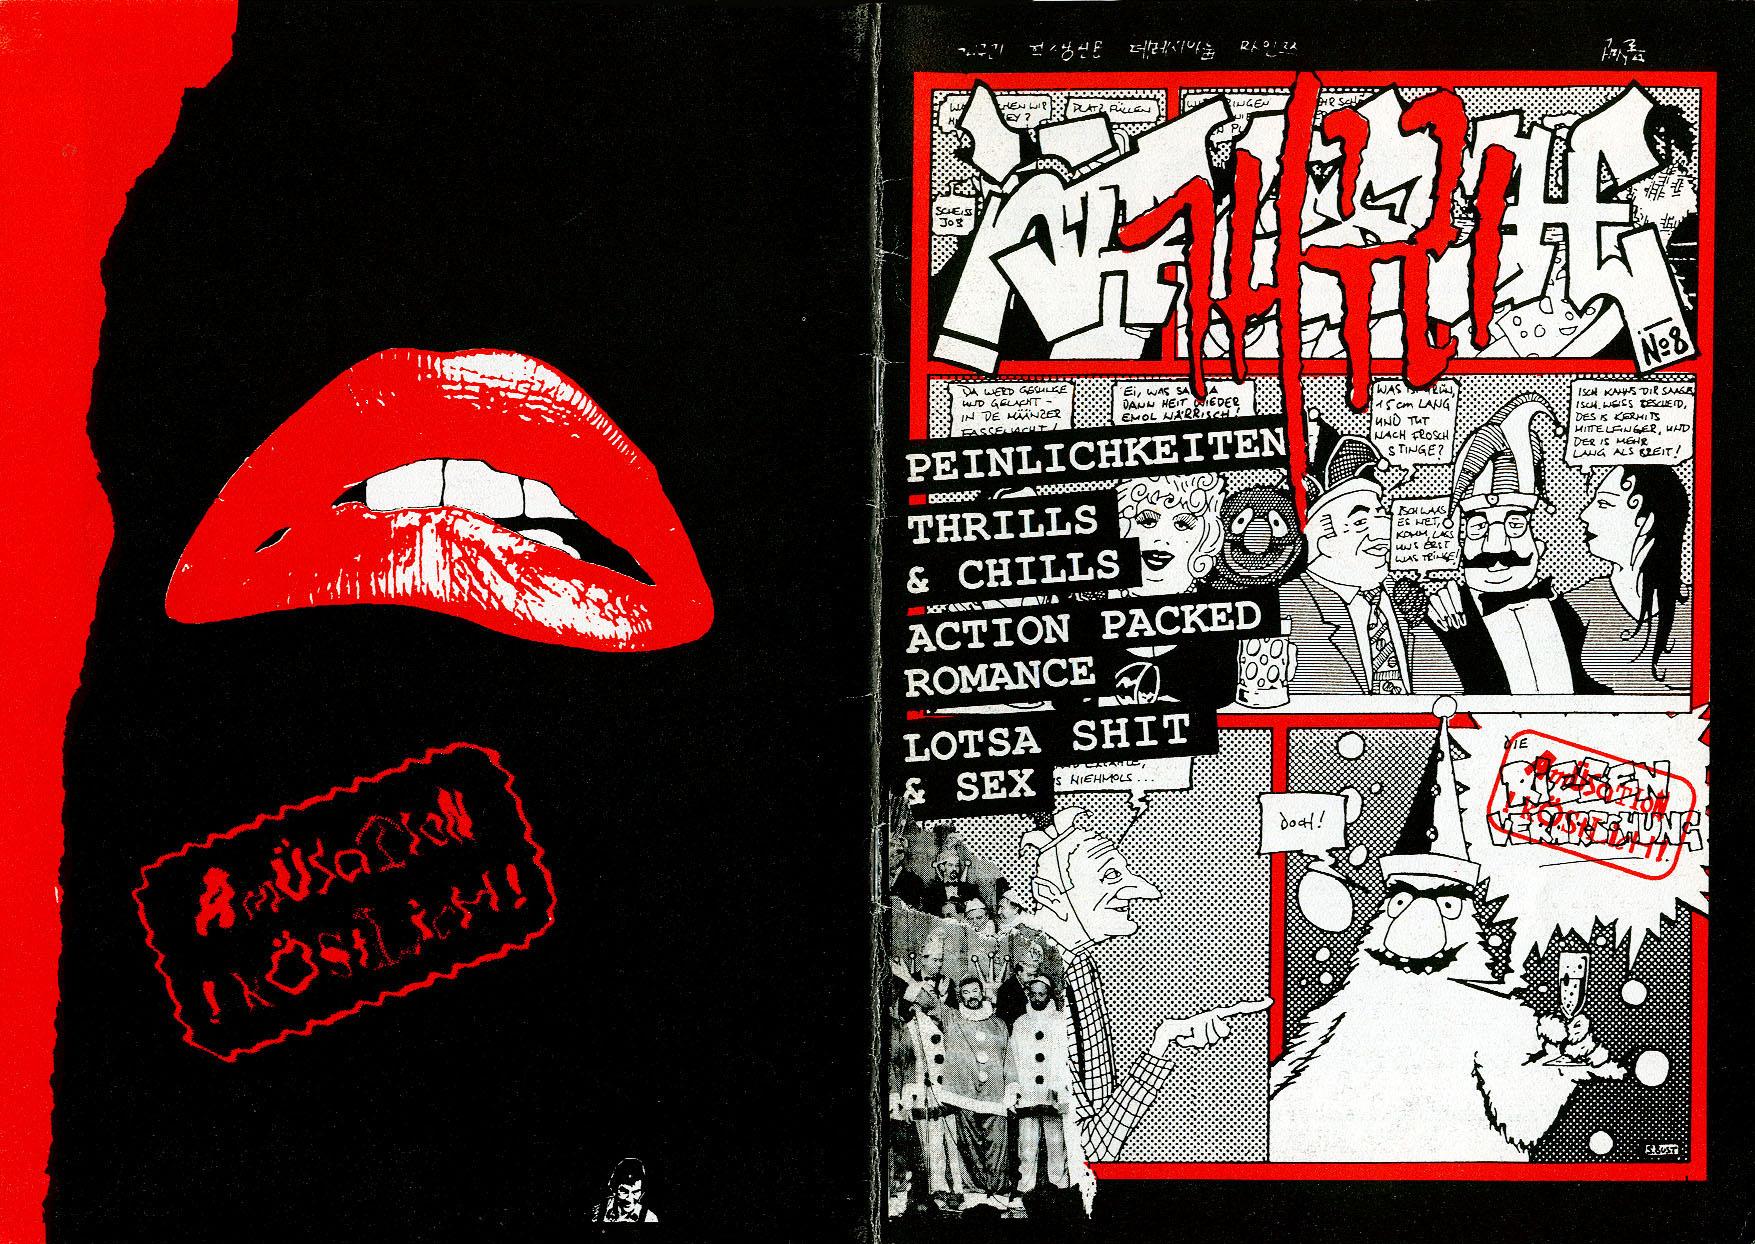 Titelbild und Rückseite - Frosch 8 - Schülerzeitung des Theresianum Mainz, 1993